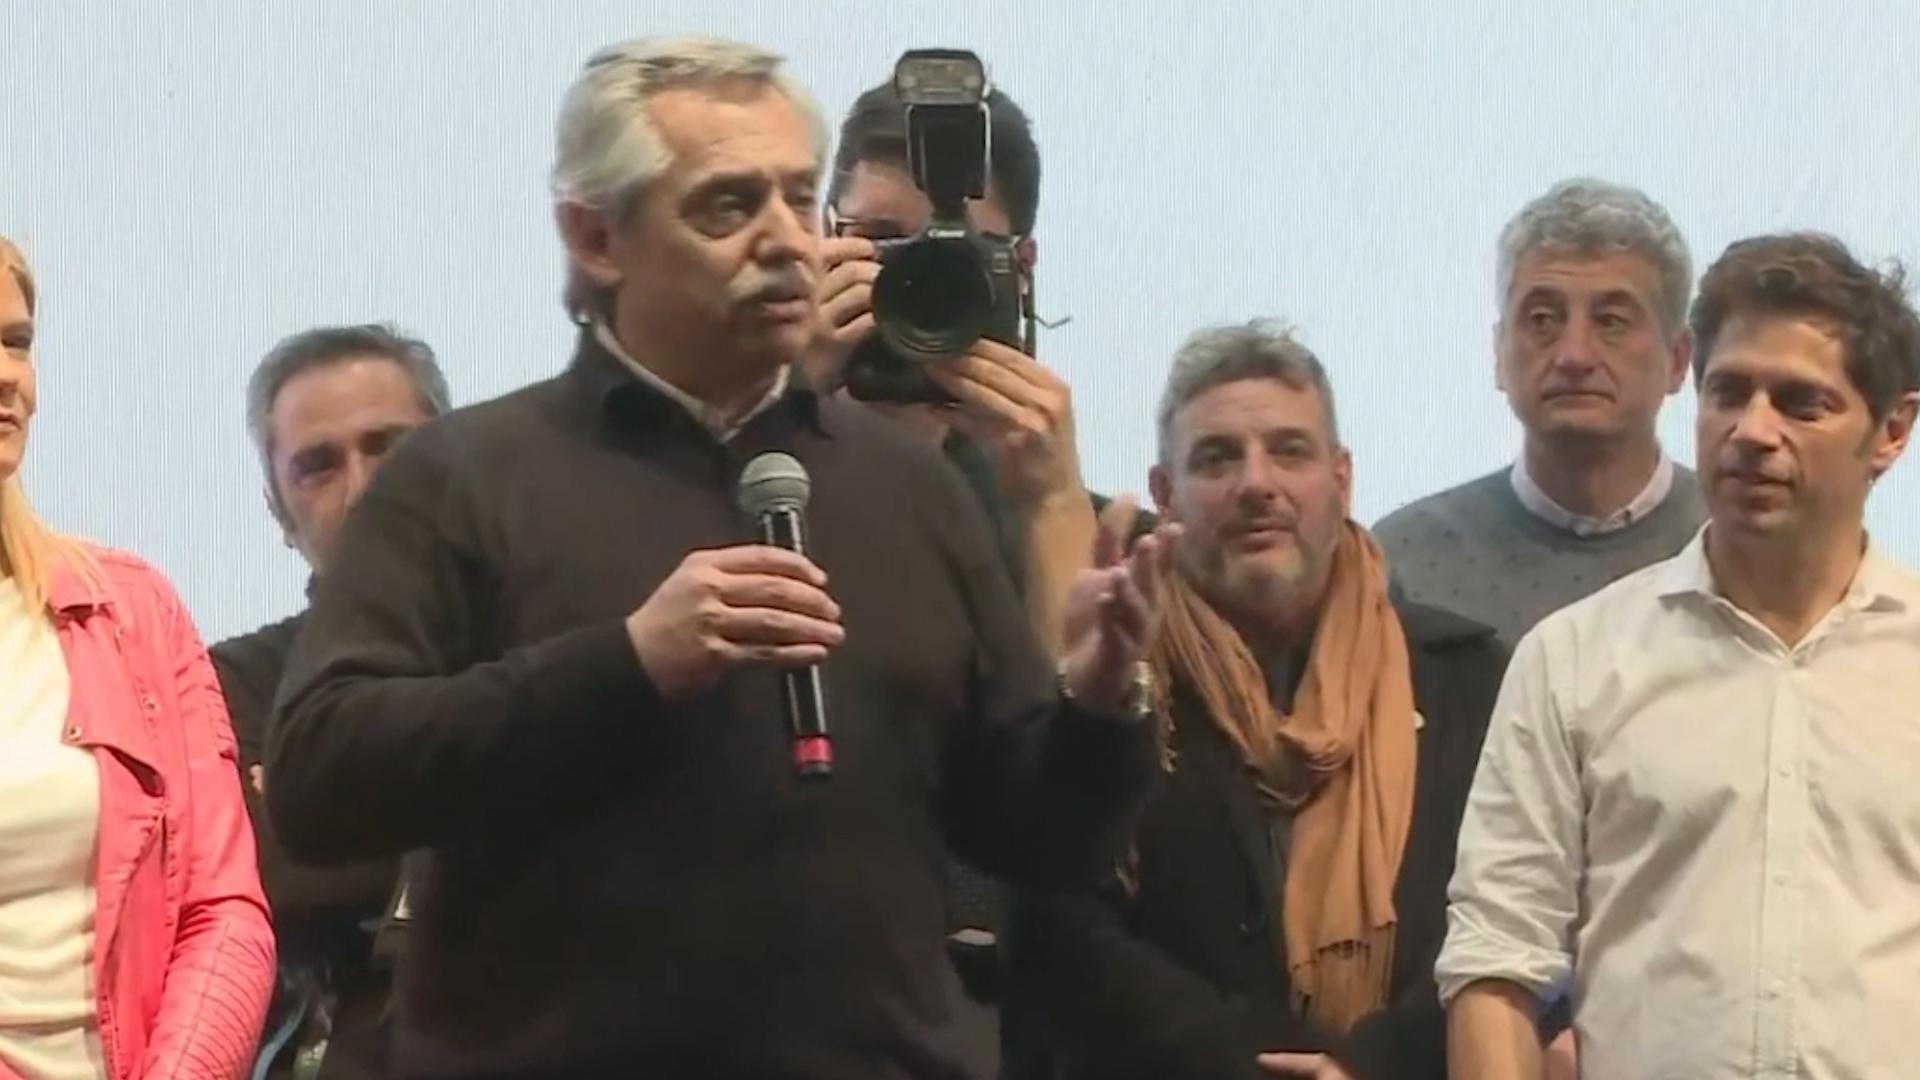 Alberto Fernández se lanzó rápidamente a la campaña de campaña de proximidad, con pocos actos, emulando algunas de las tácticas del estratega de Cambiemos, Jaime Durán Barba. Aquí, con el candidato a gobernador, Axel Kicillof.